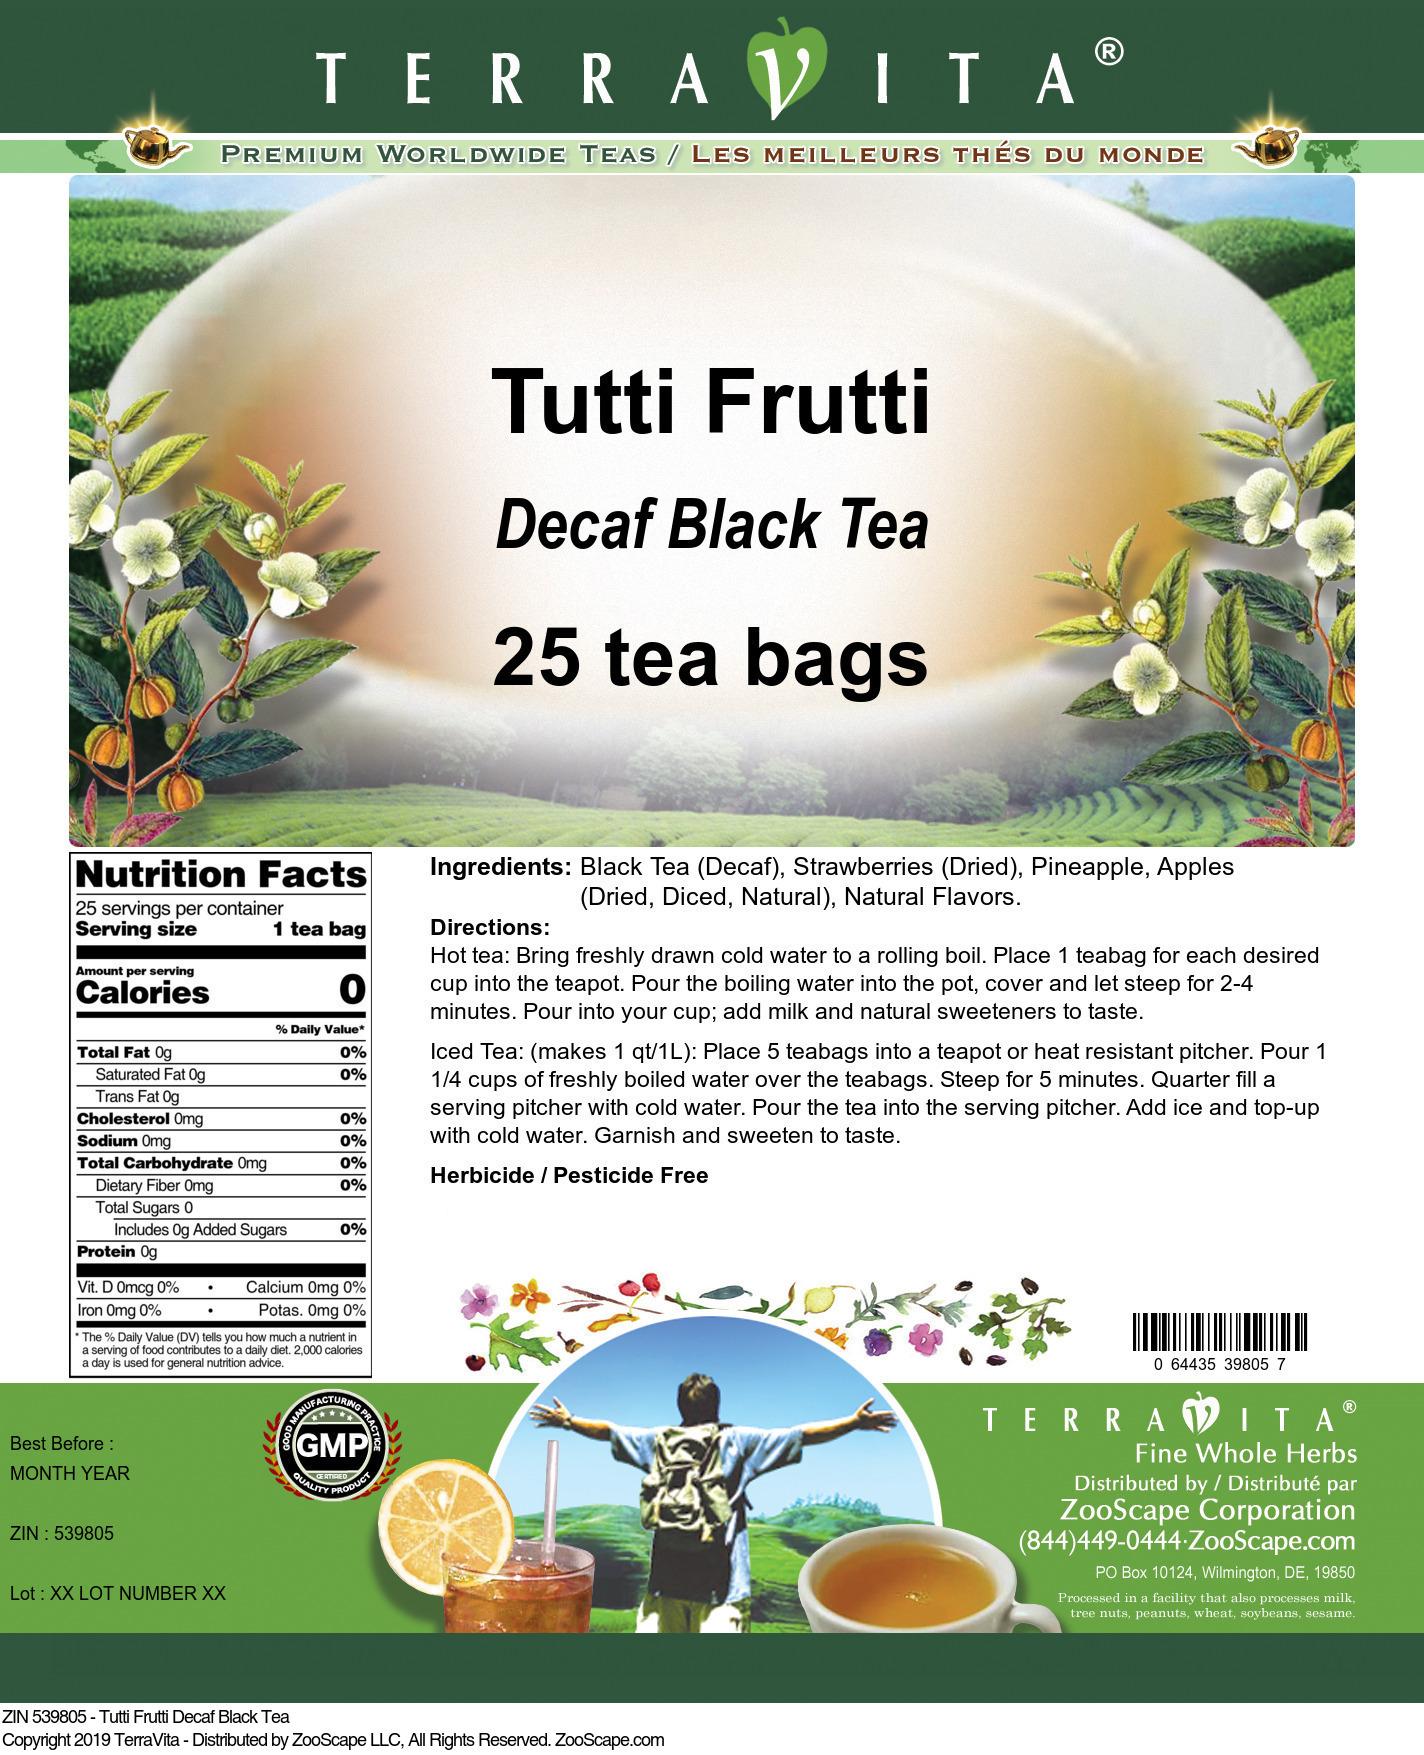 Tutti Frutti Decaf Black Tea